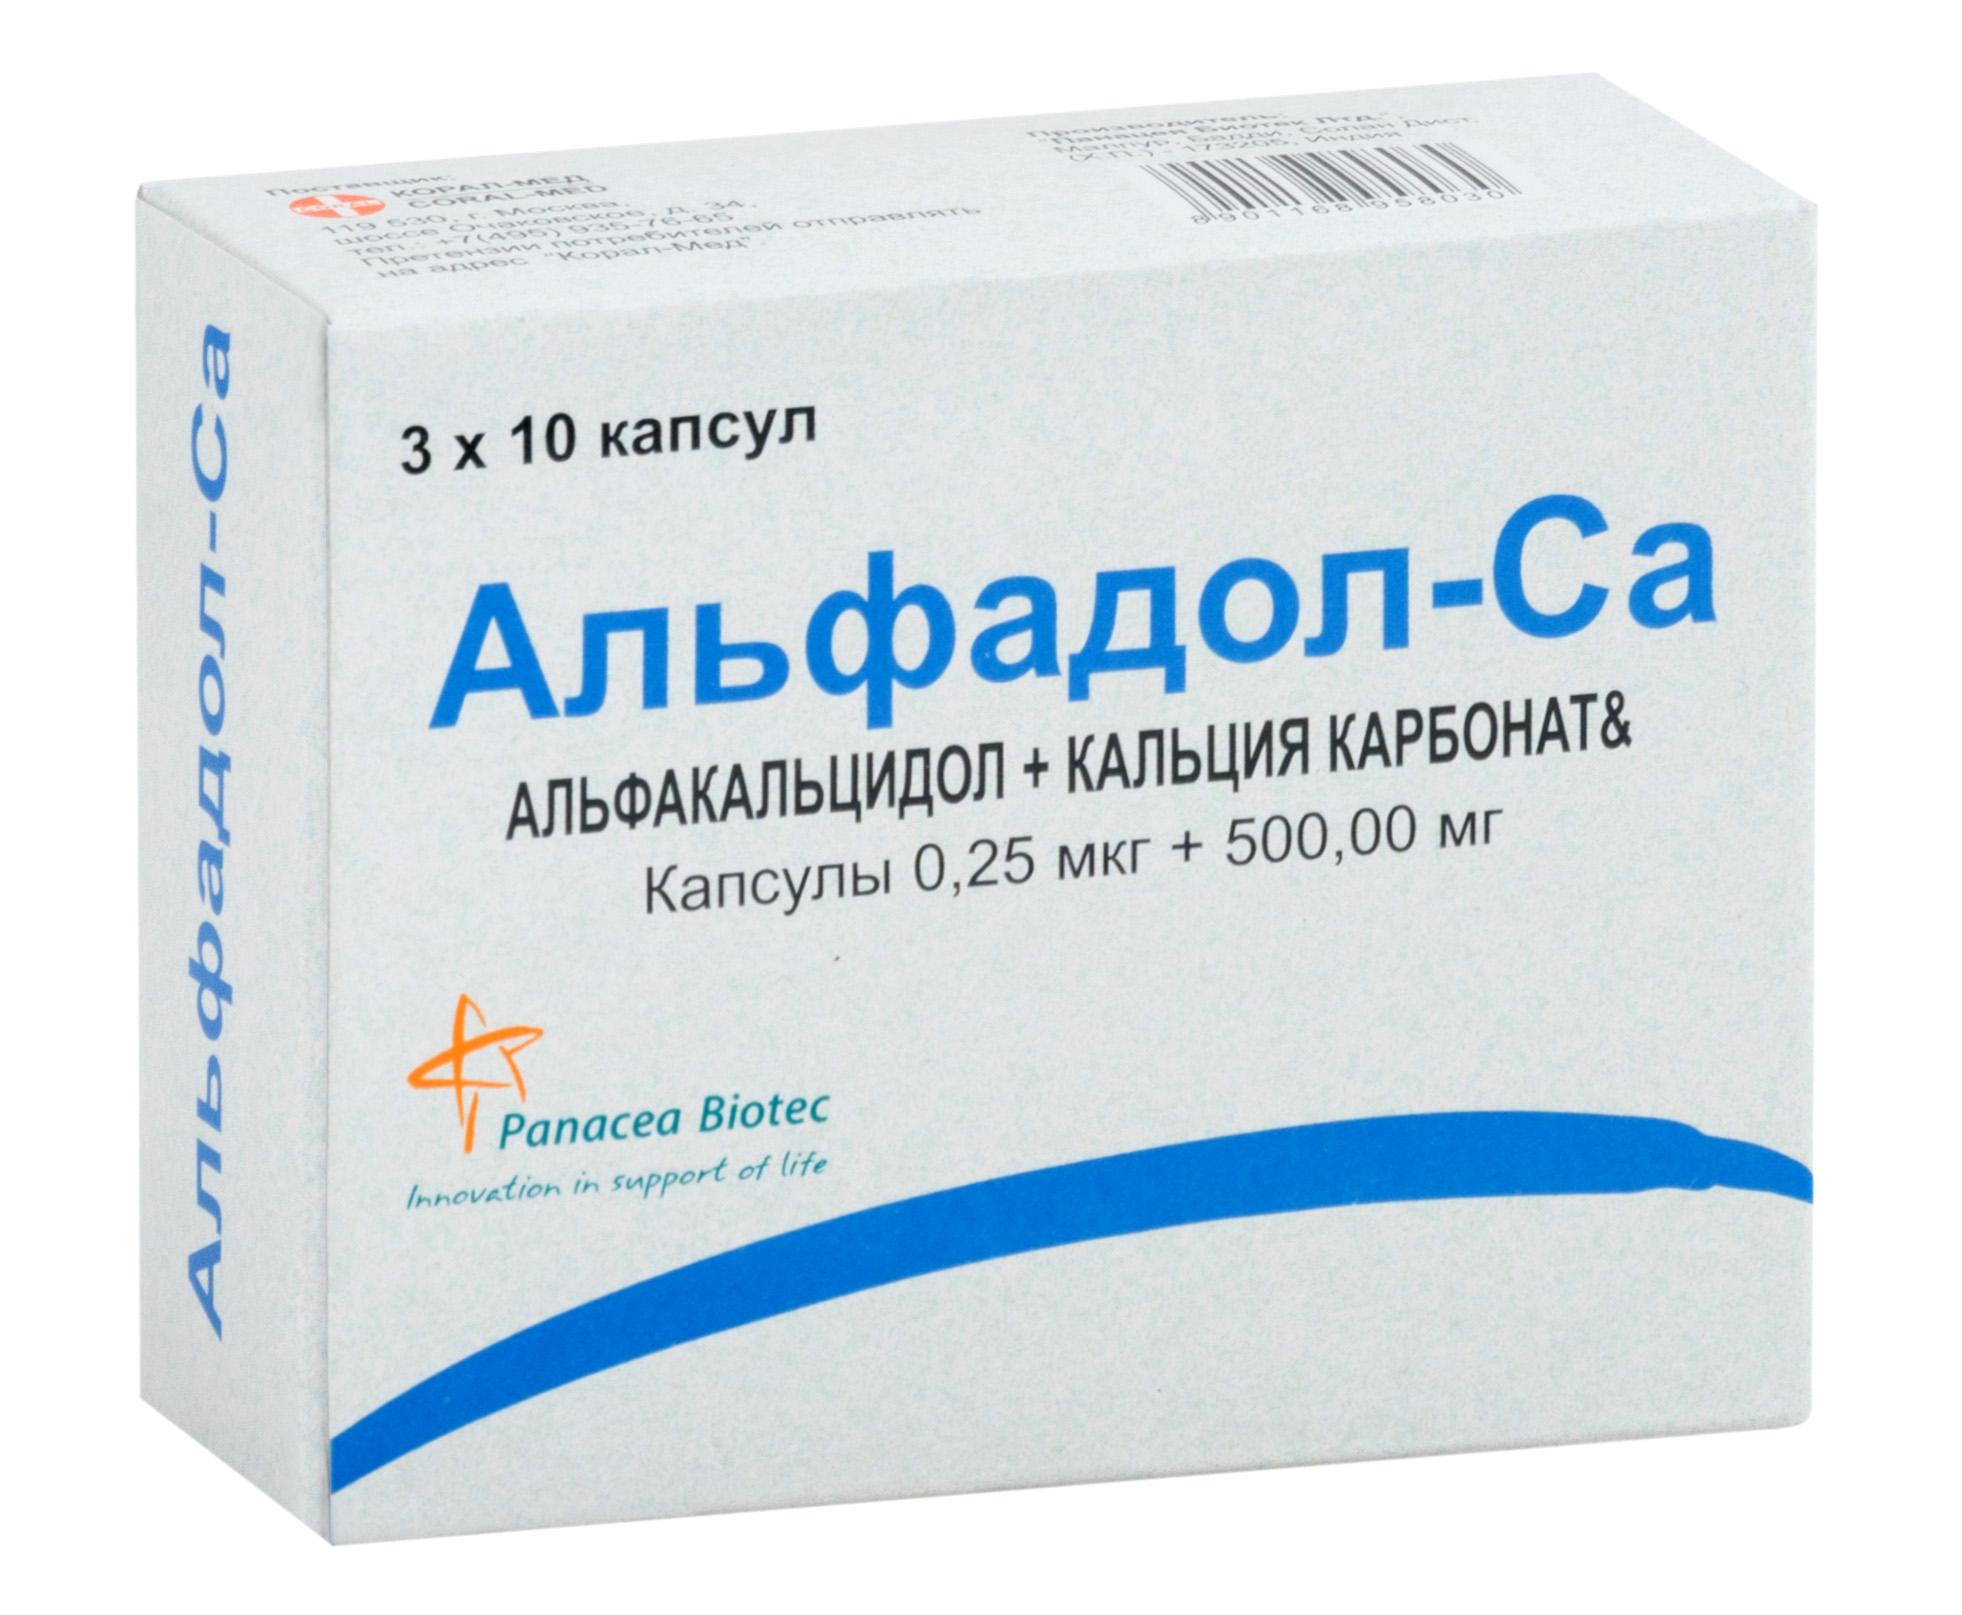 Альфадол-ca капс. 0,25мкг+500мг n30